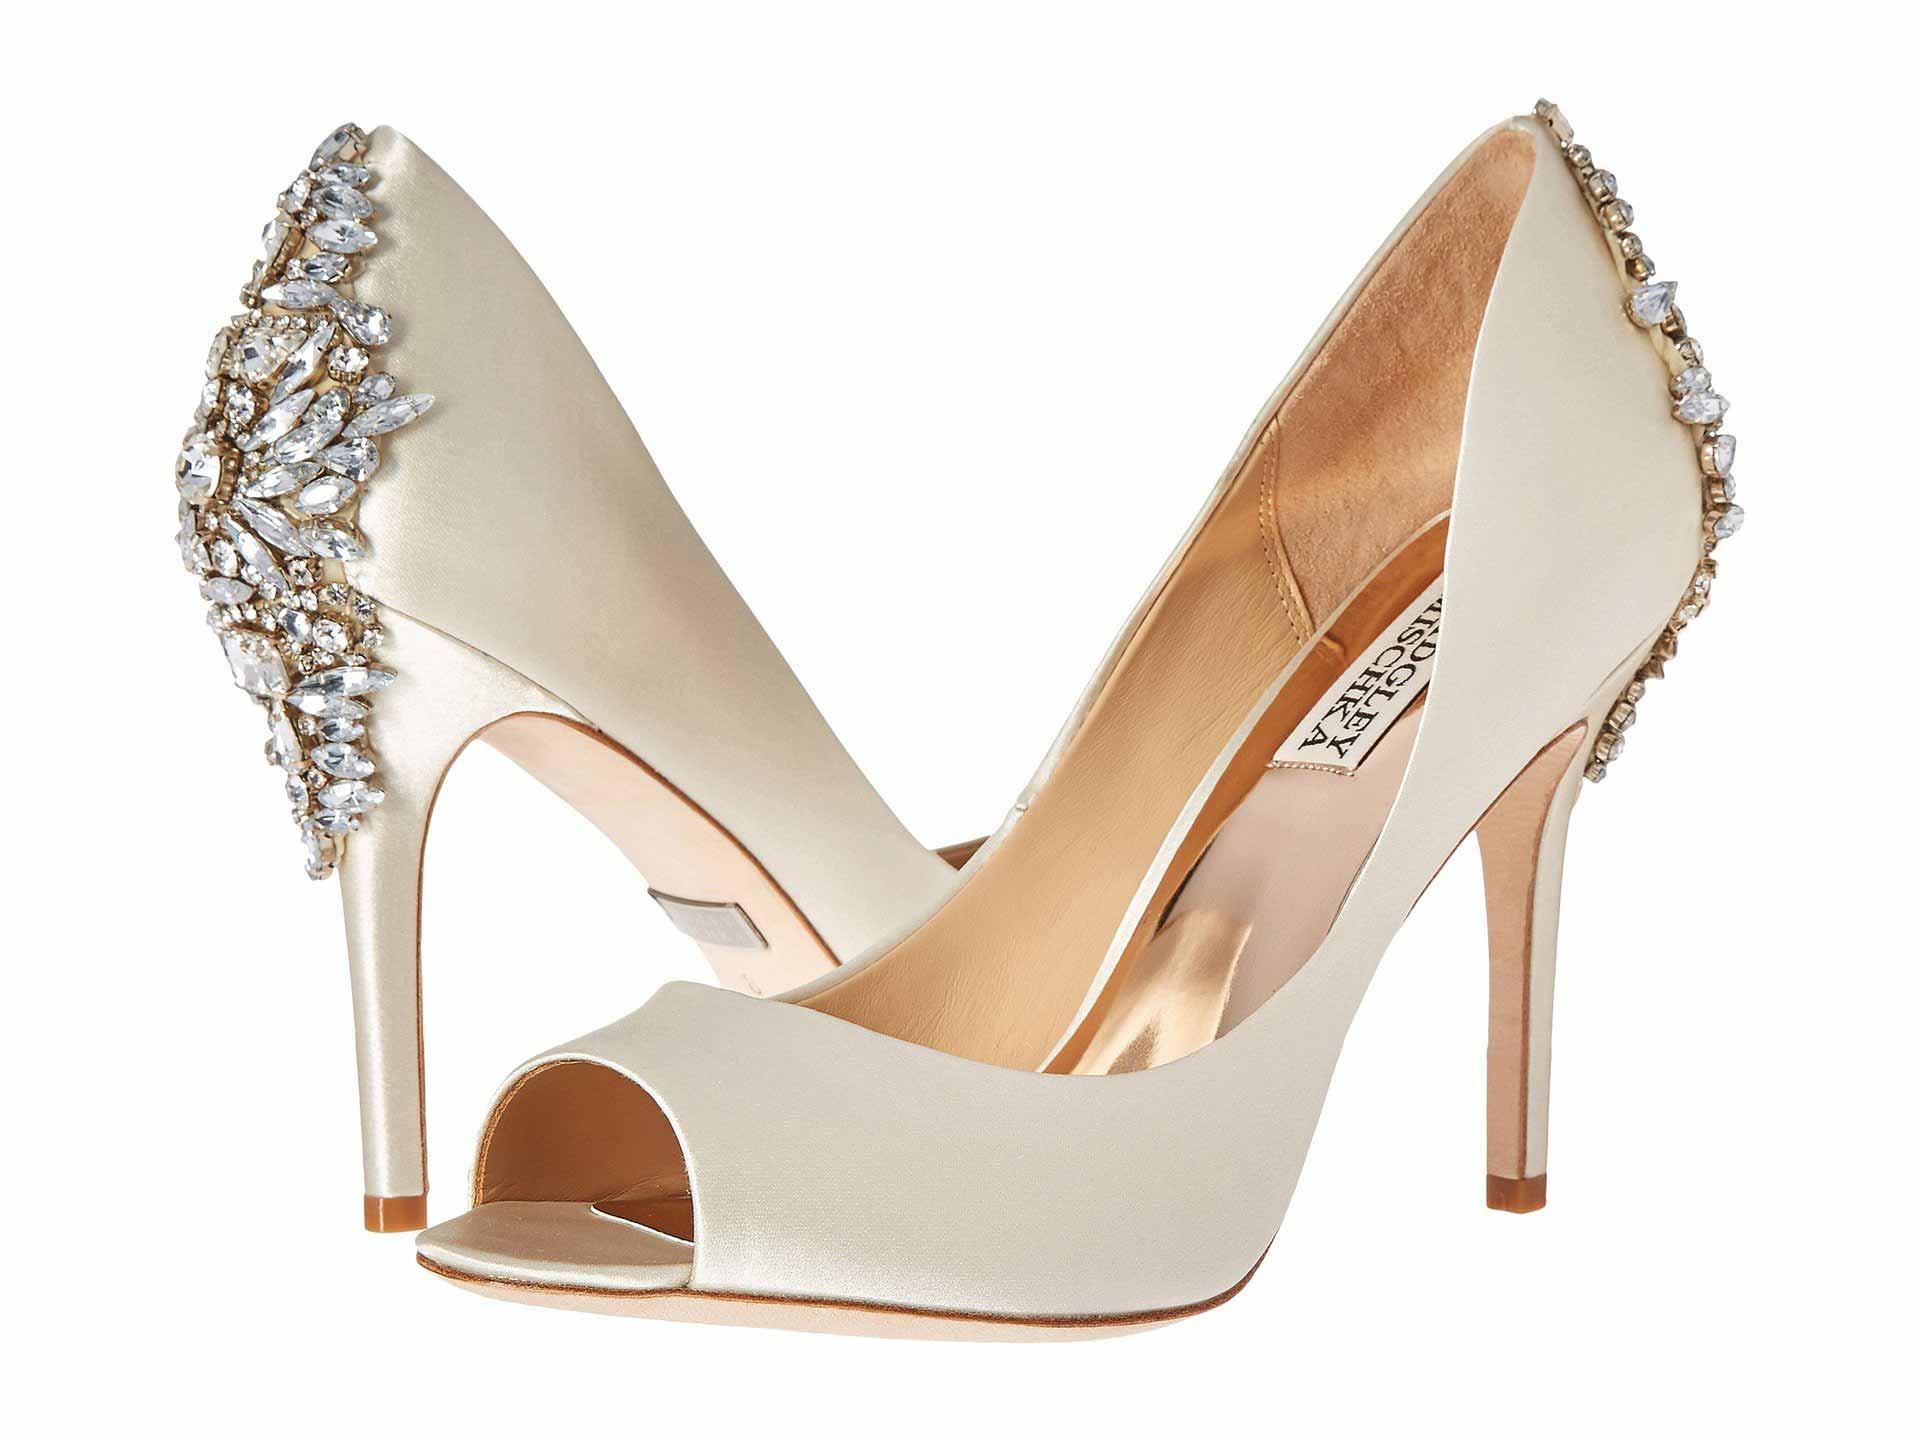 مدل کفش مجلسی زنانه جلوباز با پاشنه بلند و نگین دار از پشت